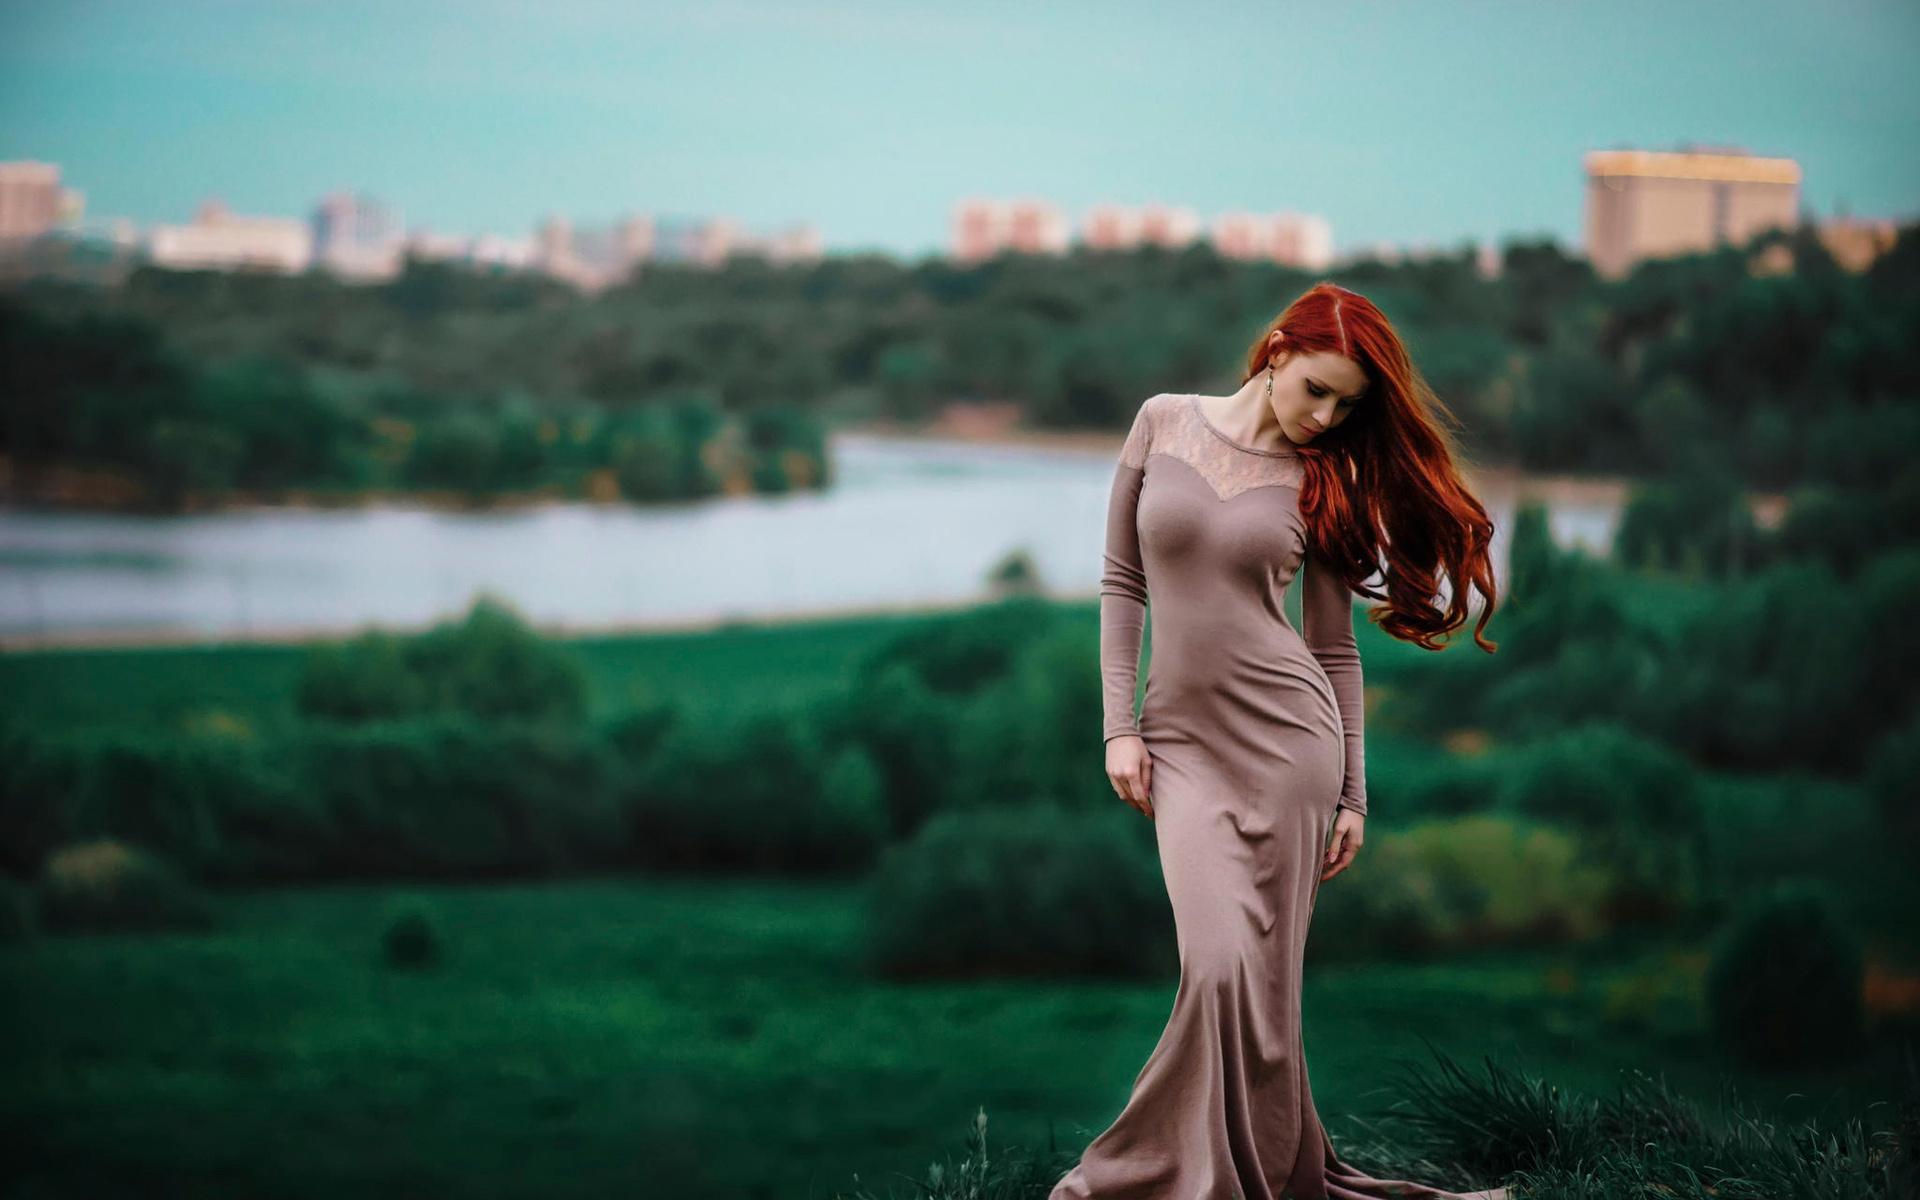 рыжие красотки фото в платьях актеров